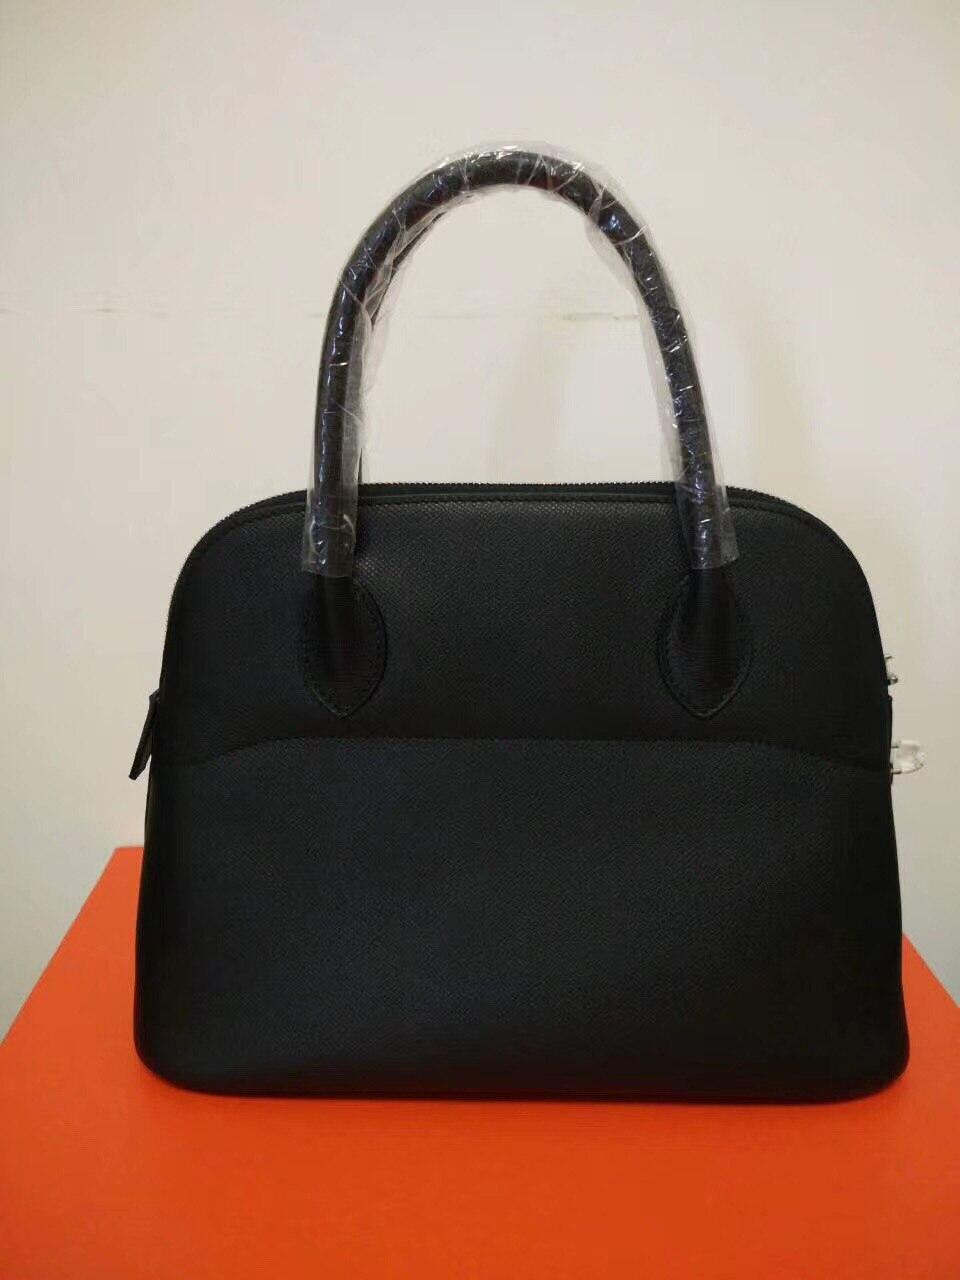 Designer Runway Berühmte Taschen Echtes Umhängetaschen Frauen Leder Für Handtaschen Marke Luxus 100 Epsom 7Svqw0